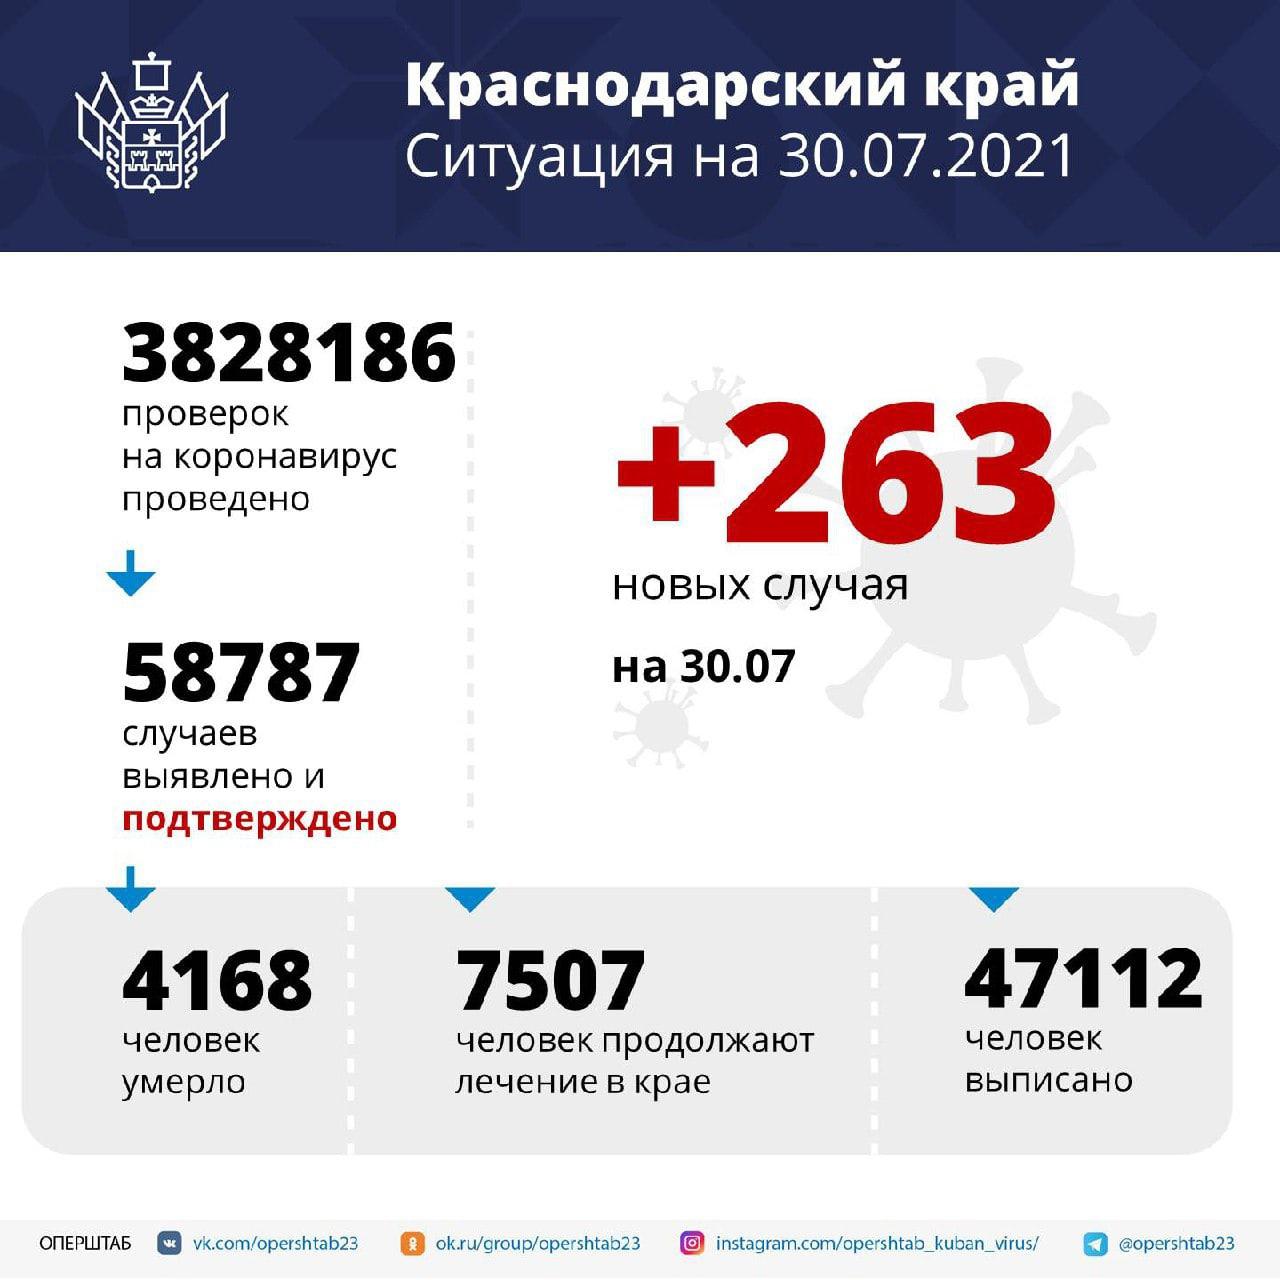 На Кубани за сутки выявили 263 случая заболевания...